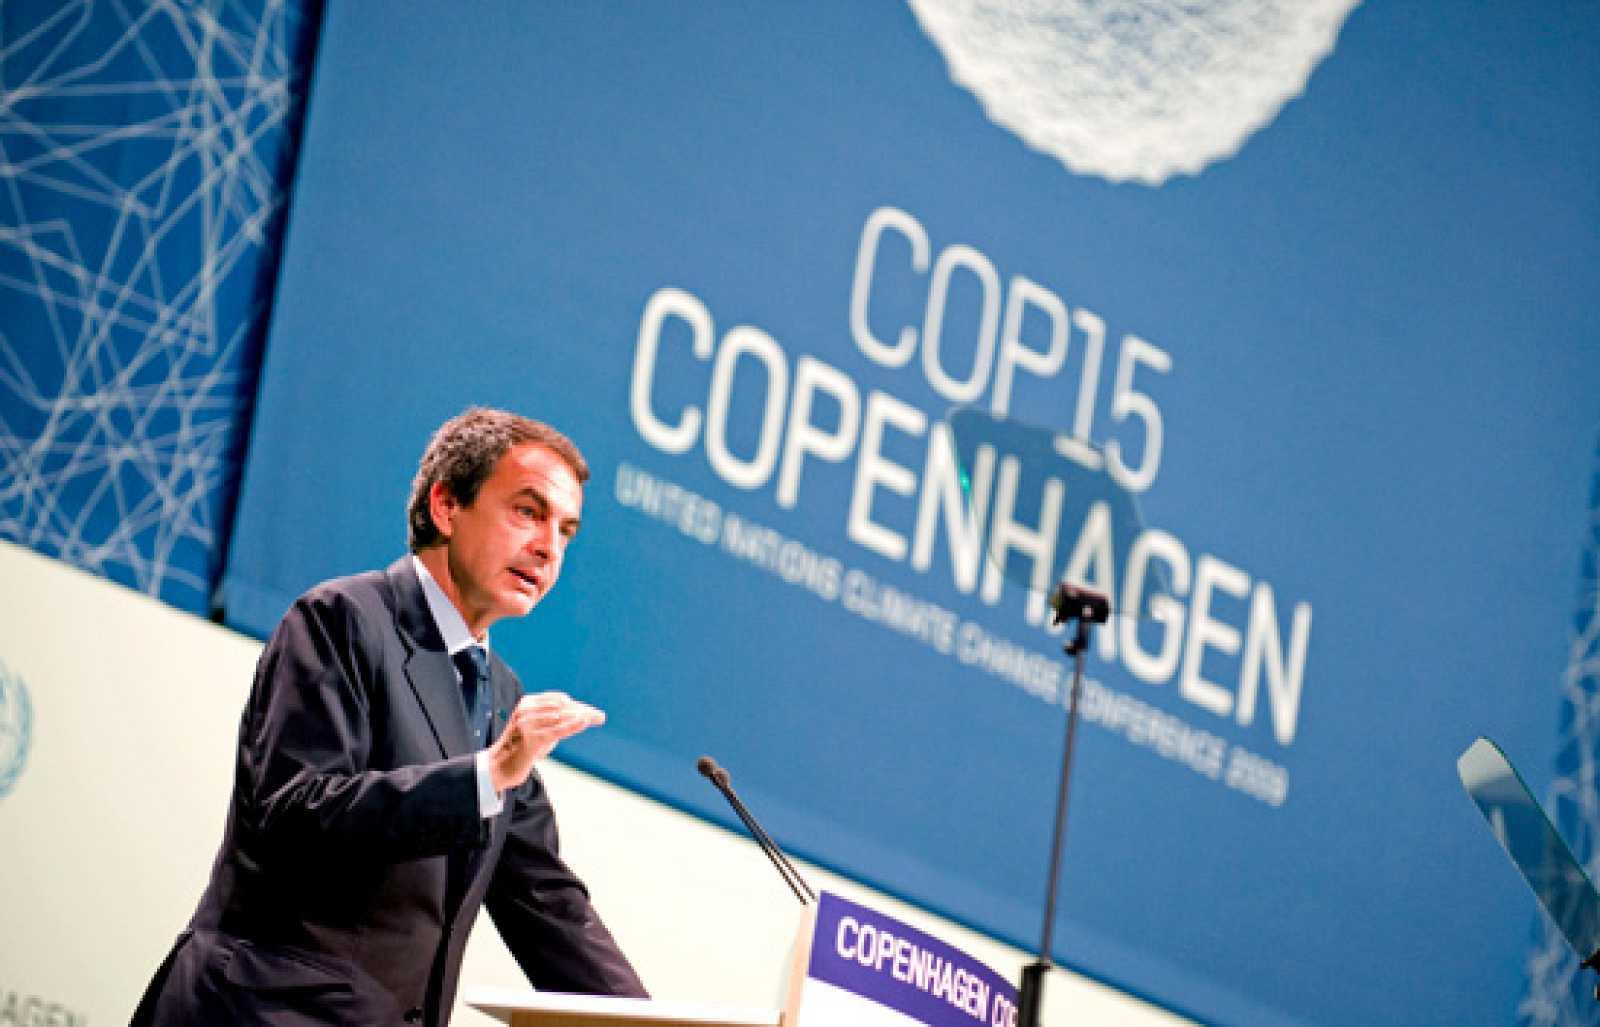 """El presidente del Gobierno, José Luis Rodríguez Zapatero, ha expresado que """"la tierra no pertenece a nadie, solo al viento"""". Con esta frase poética ha cerrado su intervención ante el plenario de la Cumbre de Copenhague, donde ha pedido -especialmente"""